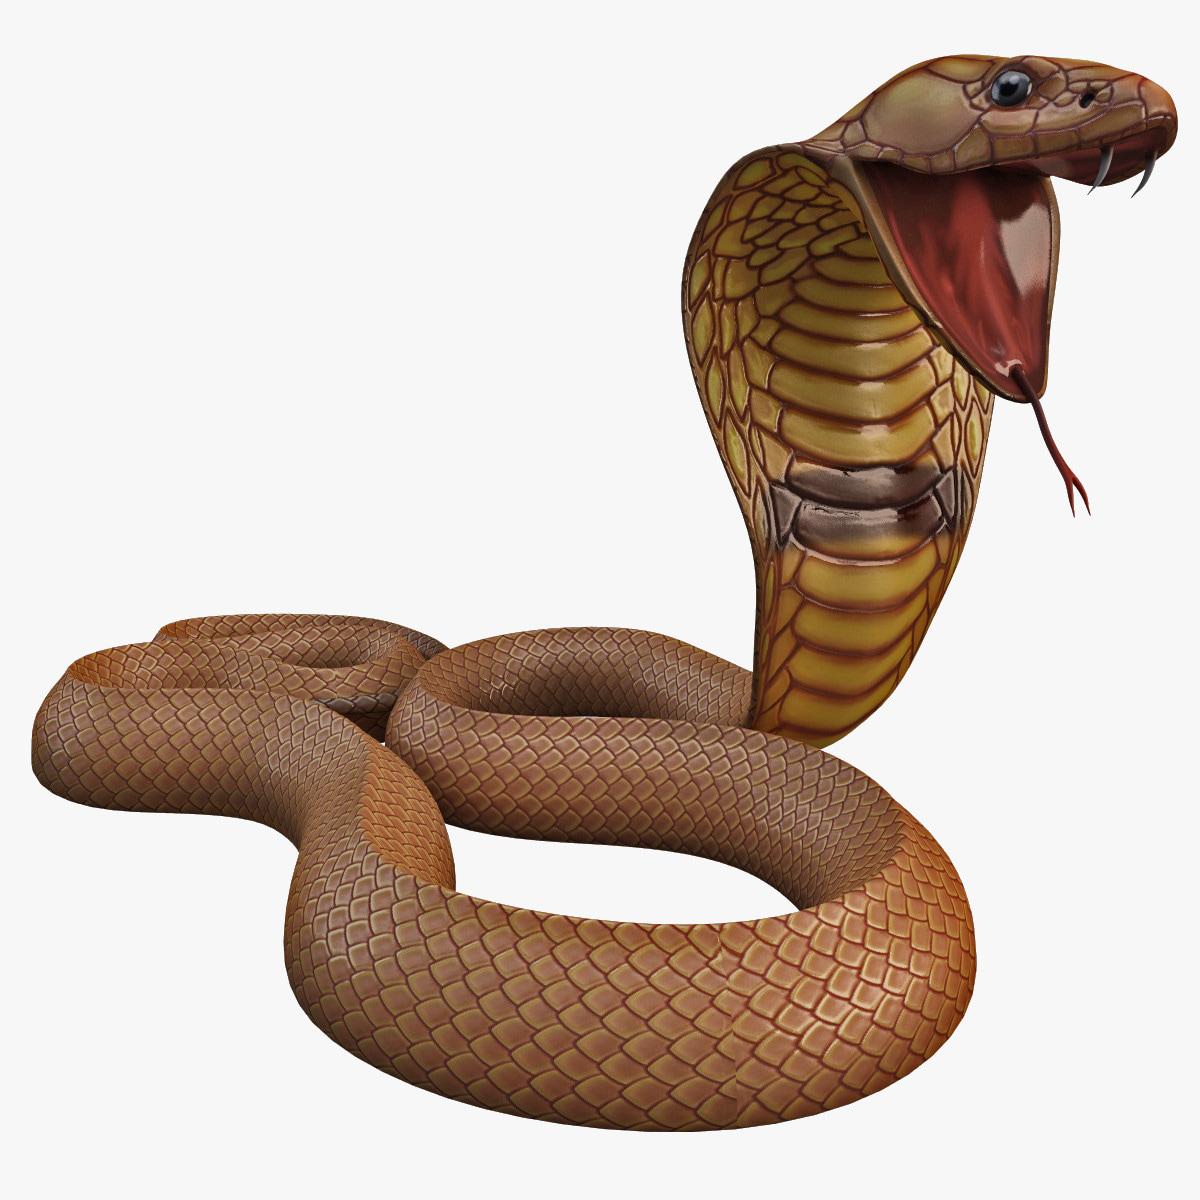 Snake_Cobra_Pose_5_000.jpg72725fa0-8753-4ce9-97e7-657f3b92a3a4Original.jpg